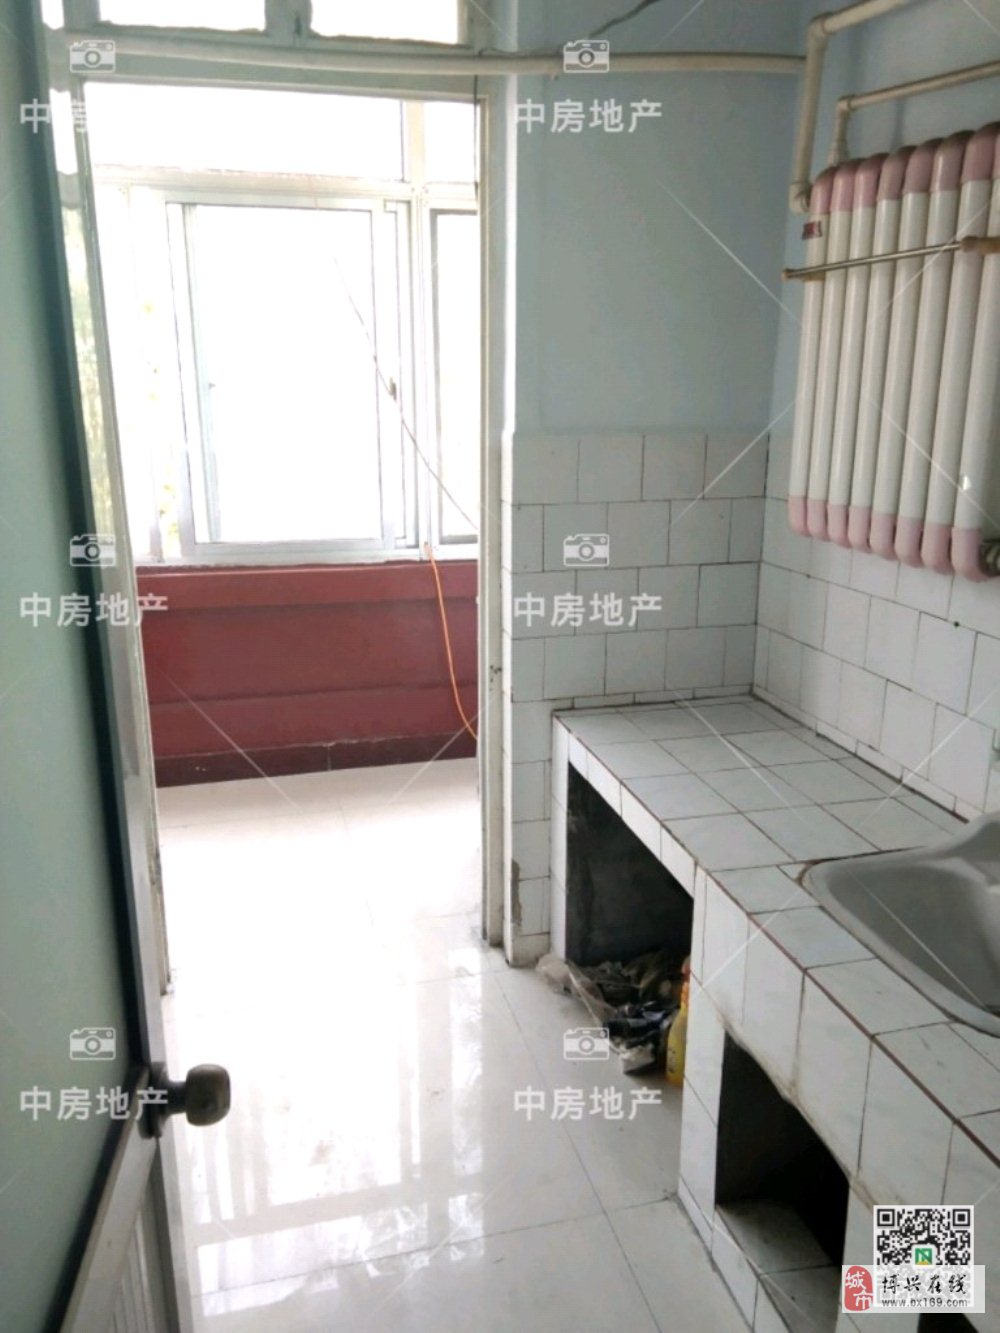 老建行家属院2室2厅1卫36万元